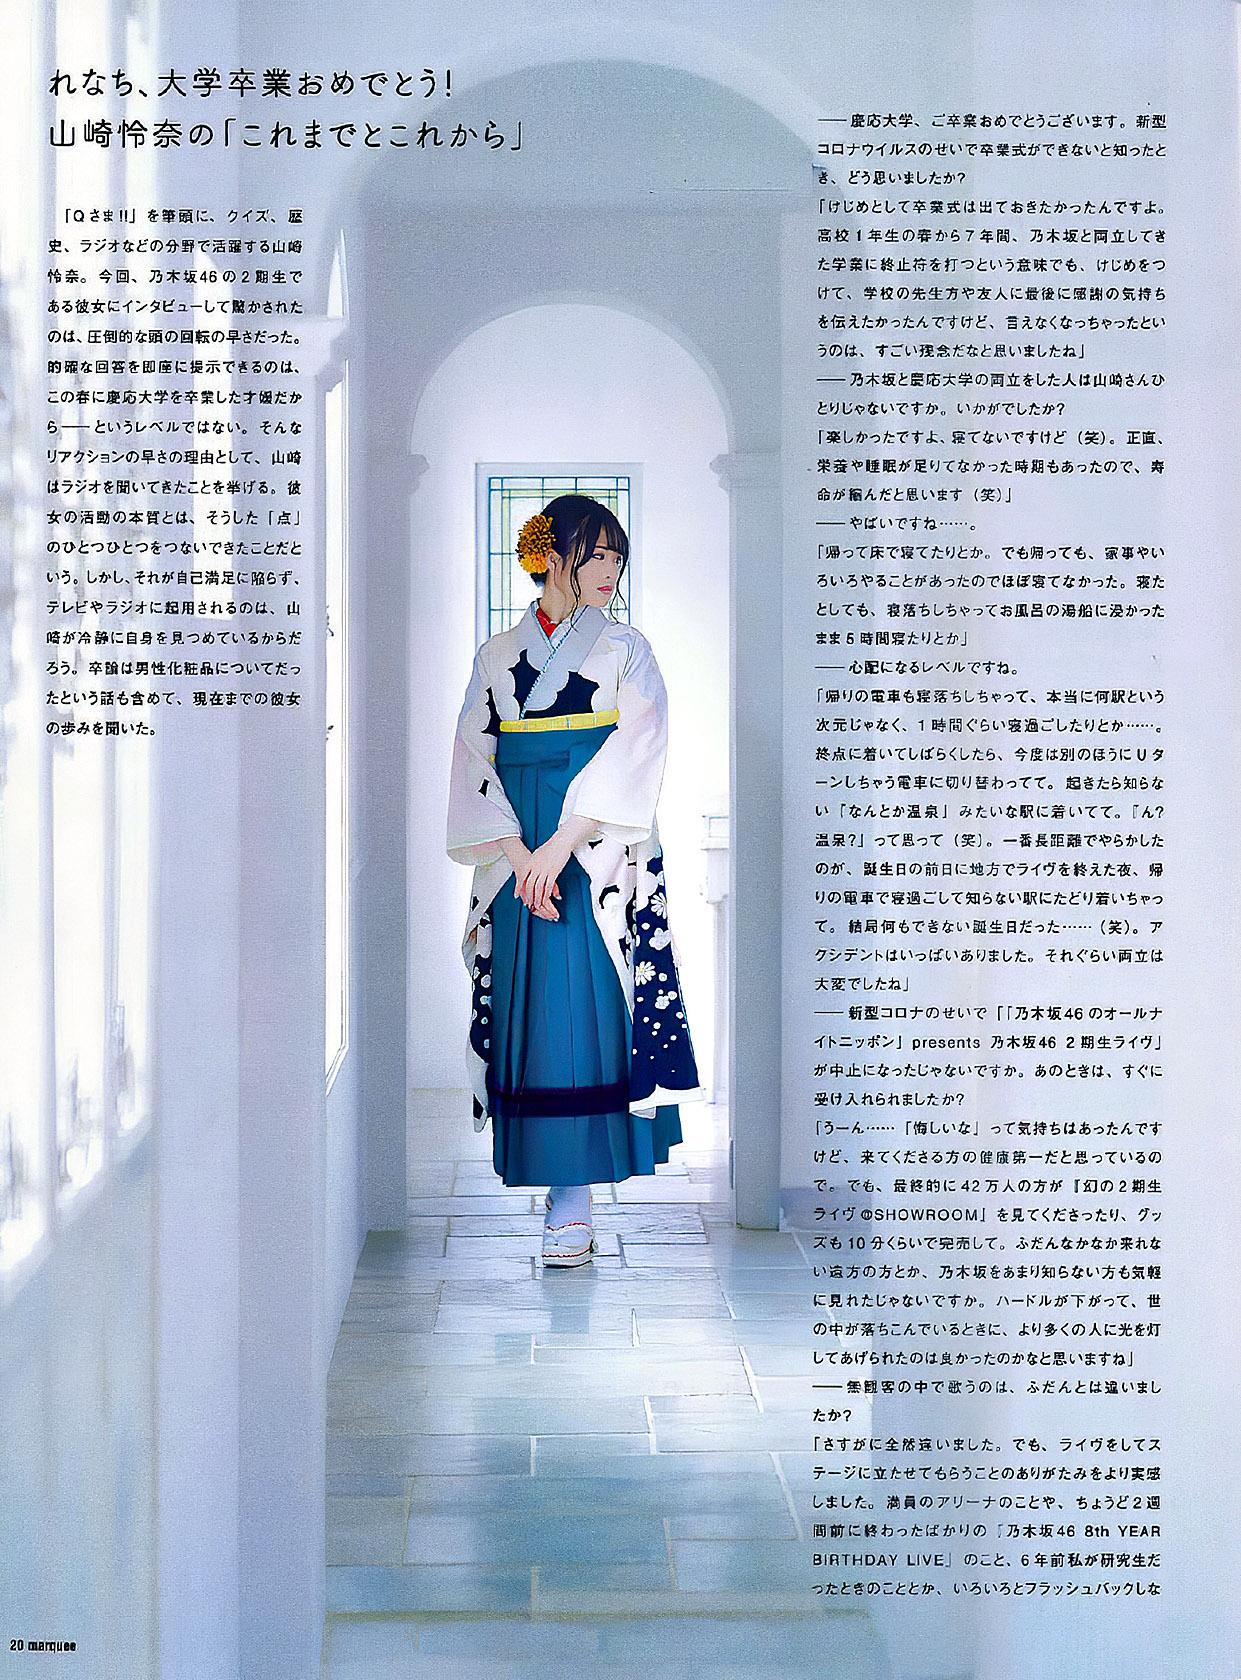 Rena Yamazaki N46 Marquee 138 2020 15.jpg